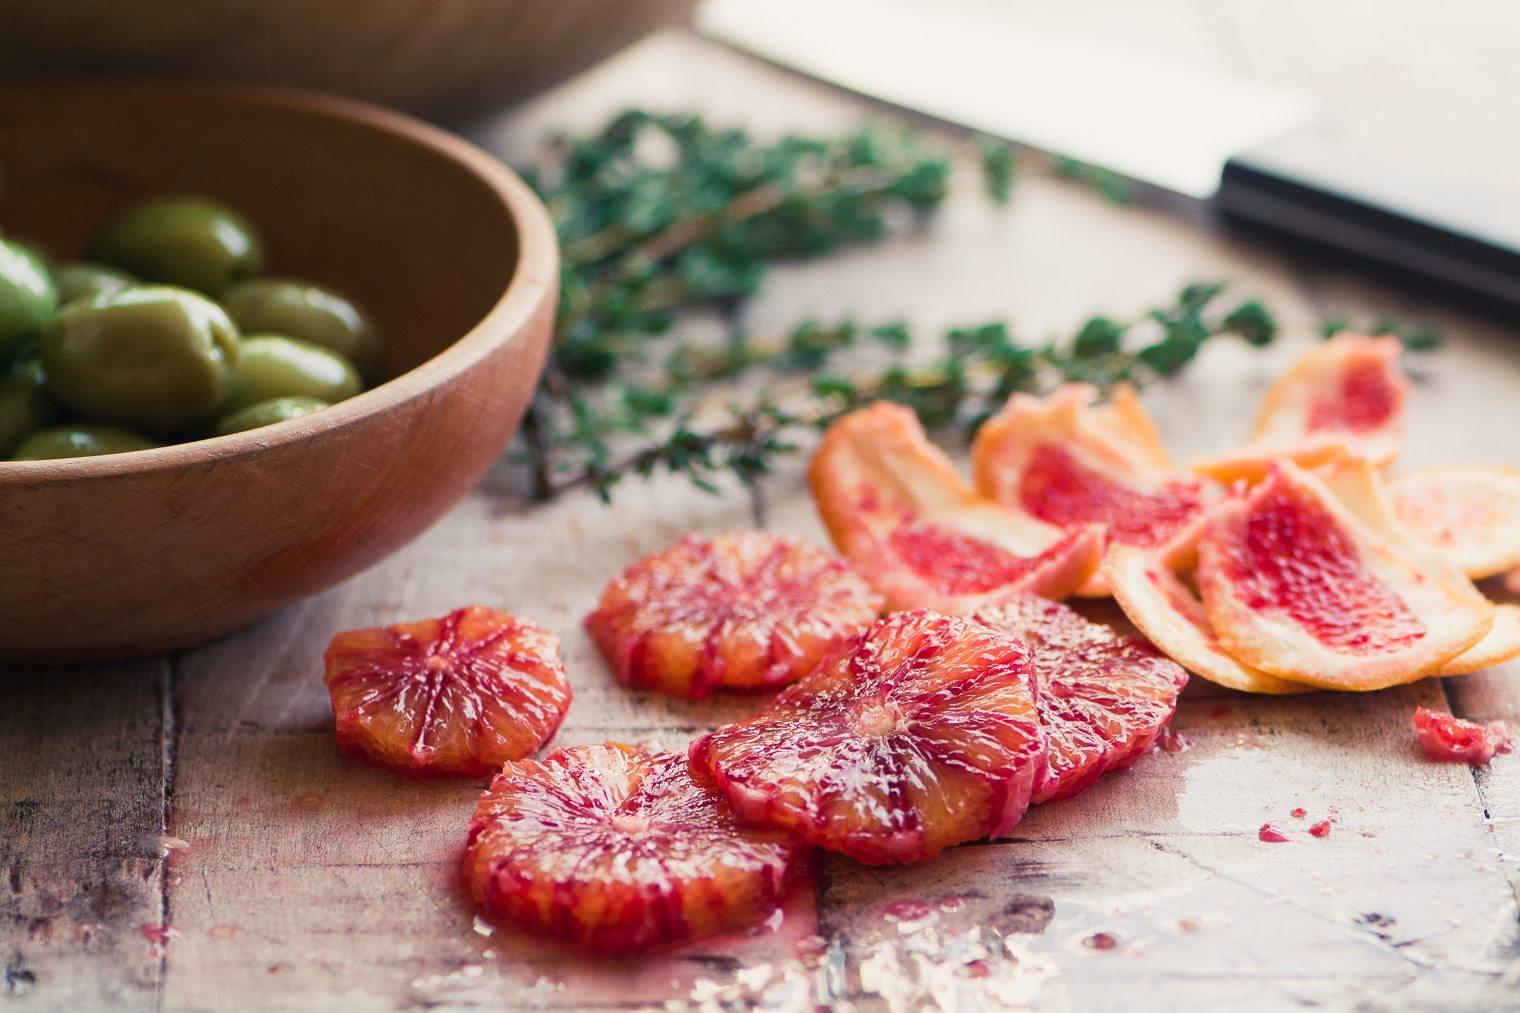 Slicing blood oranges for roast chicken wtih blood oranges and olives